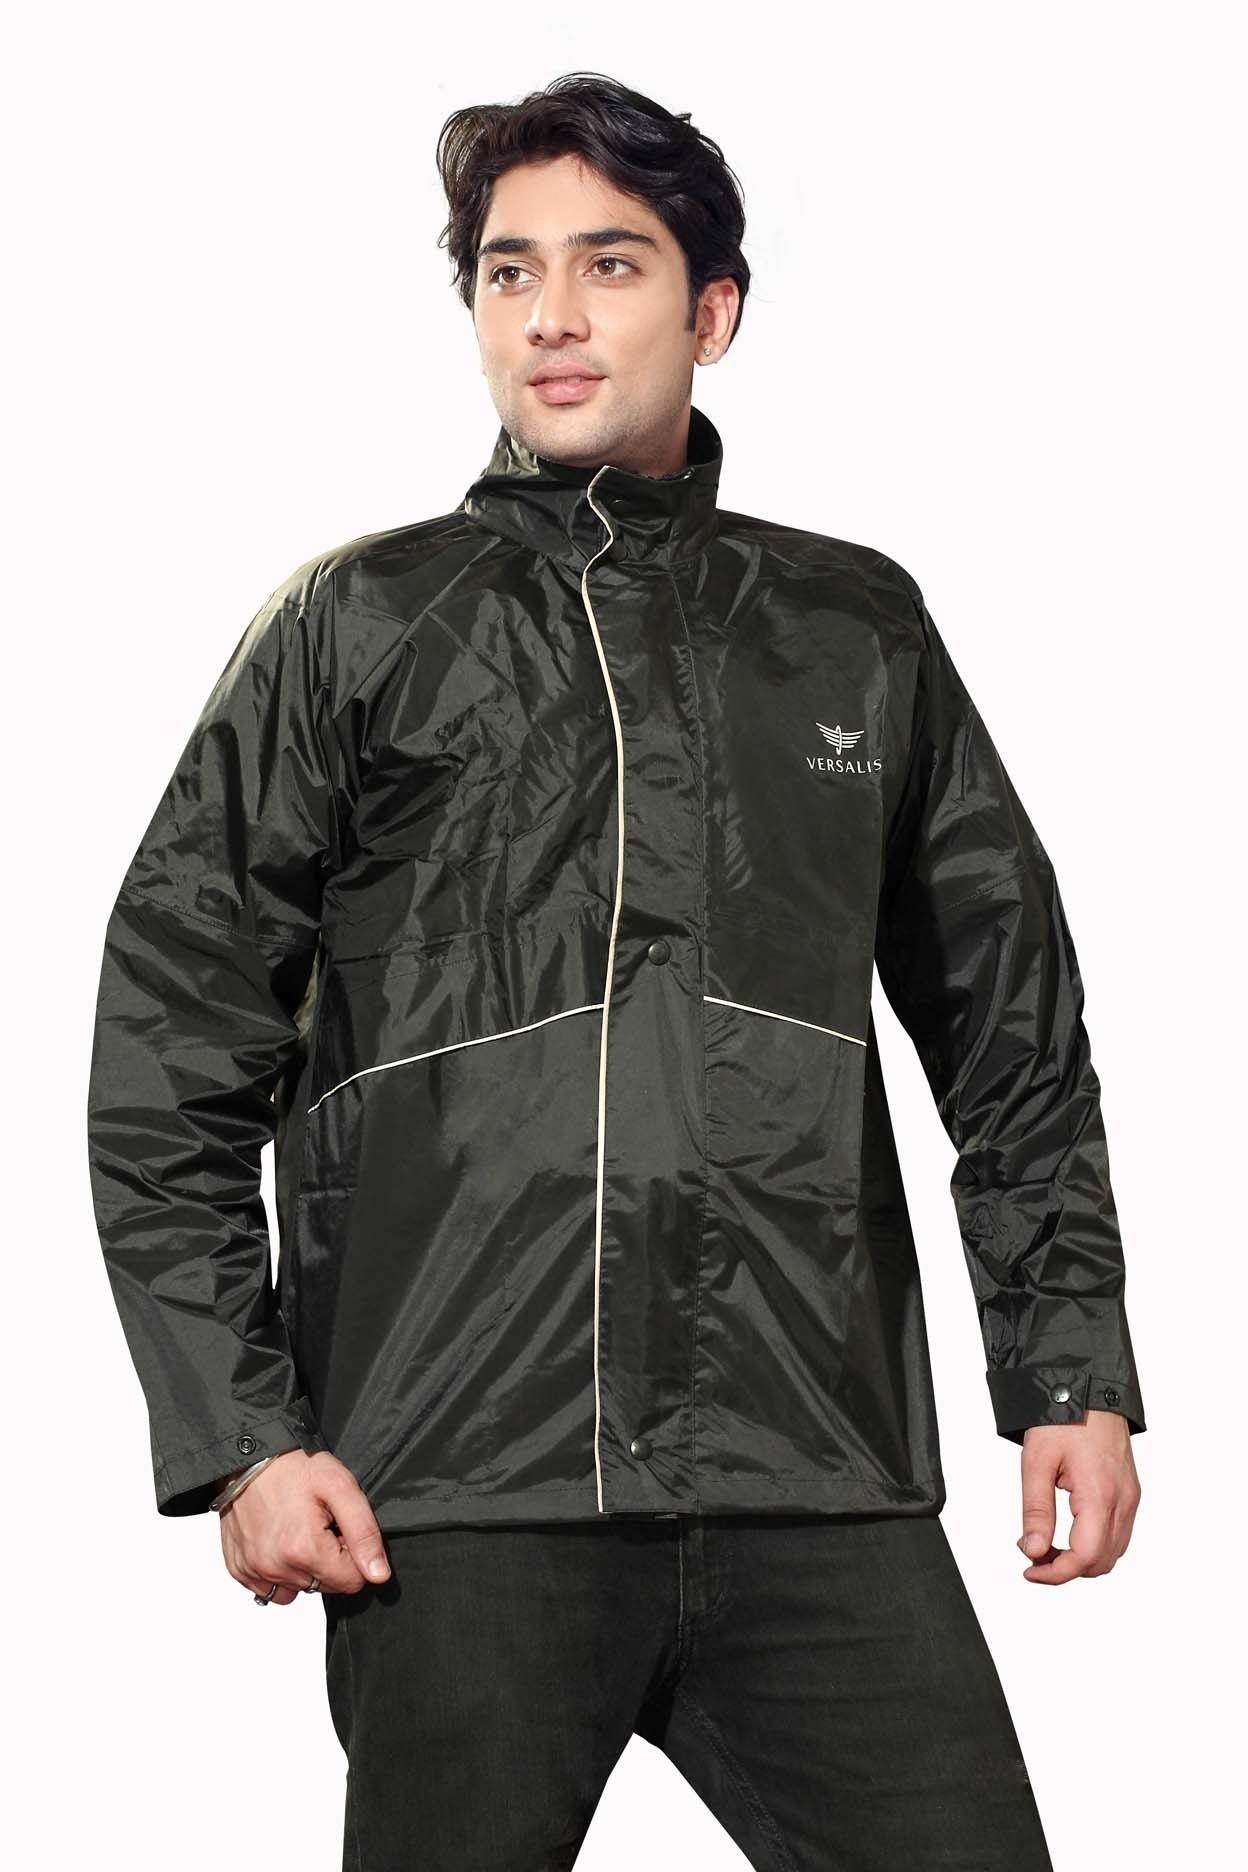 Buy Versalis Full Sleeve Solid Men's Jerkin Jacket @ ₹ 450